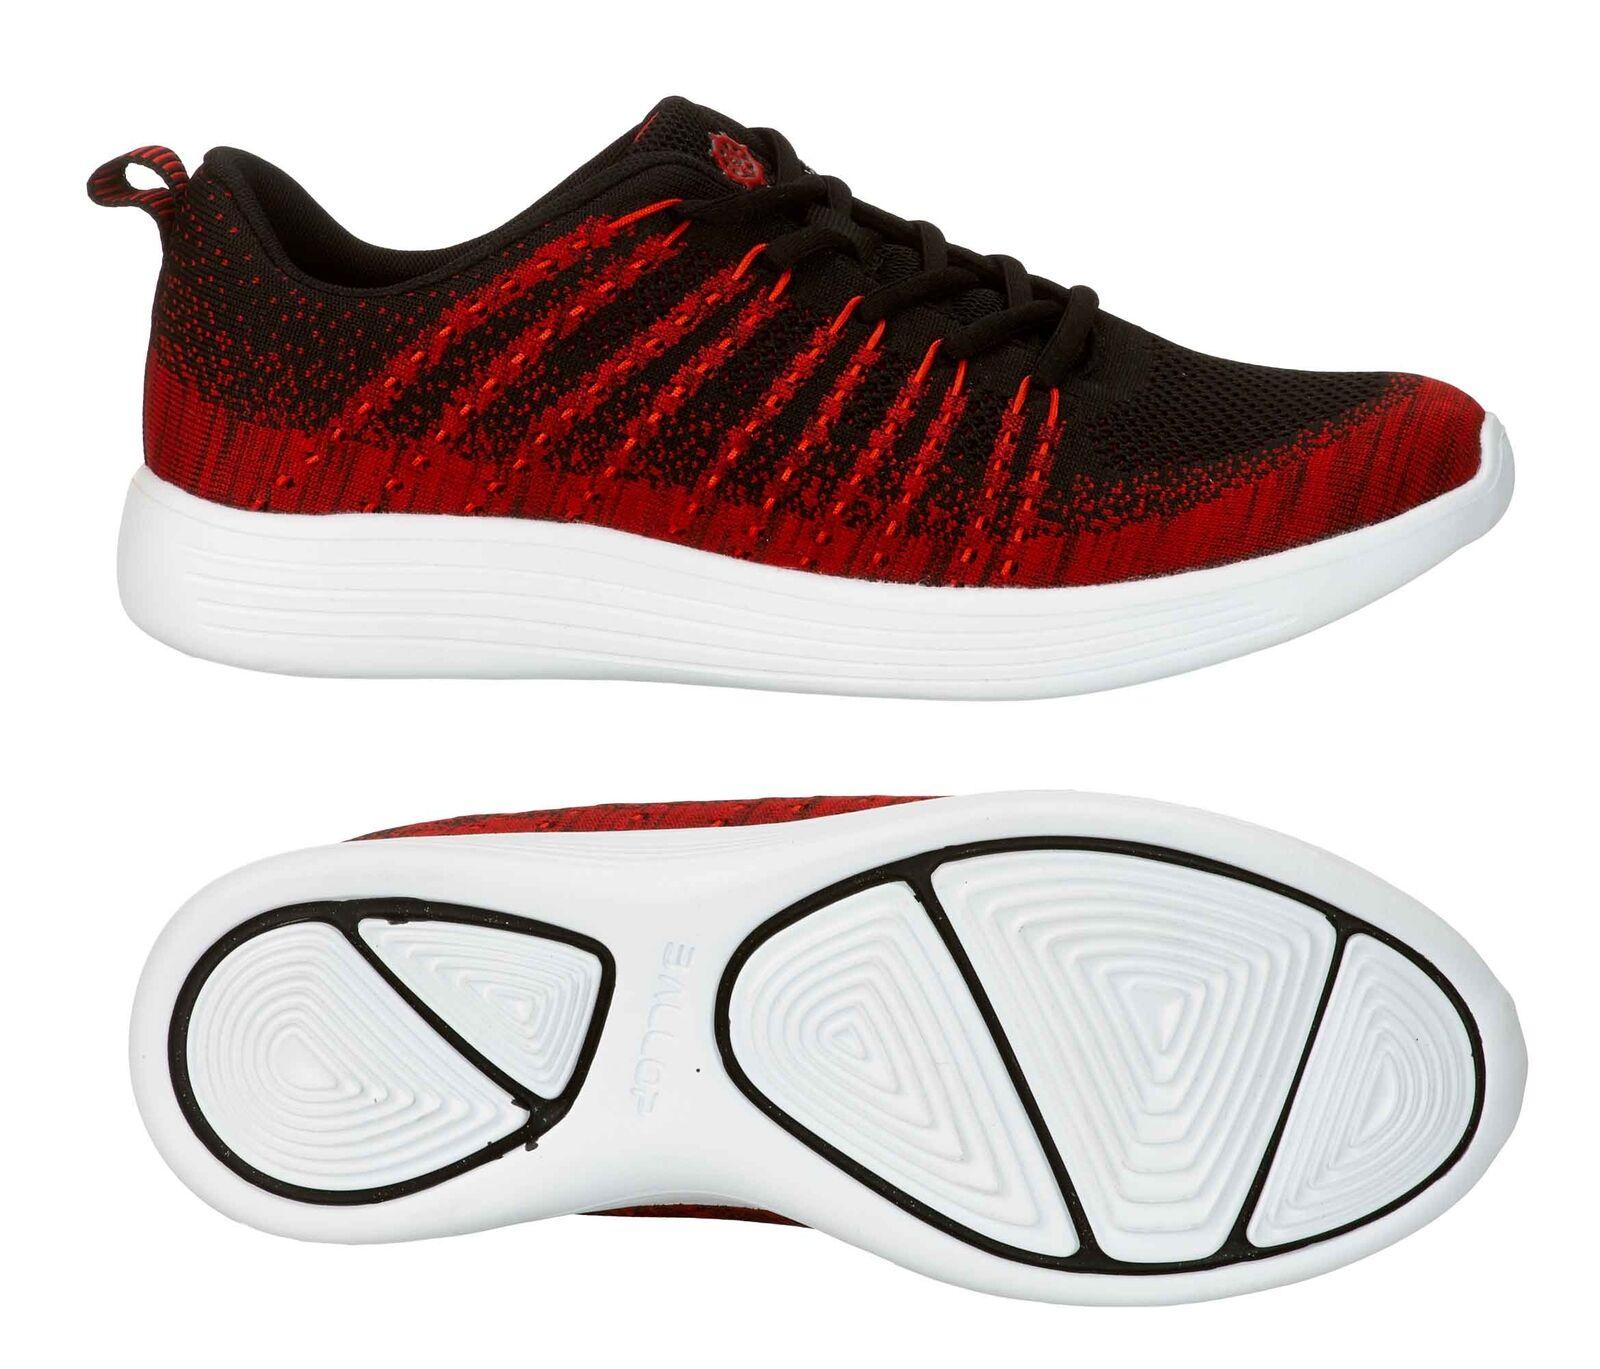 BALLOP Turnschuhe  Mix  schwarz-rot